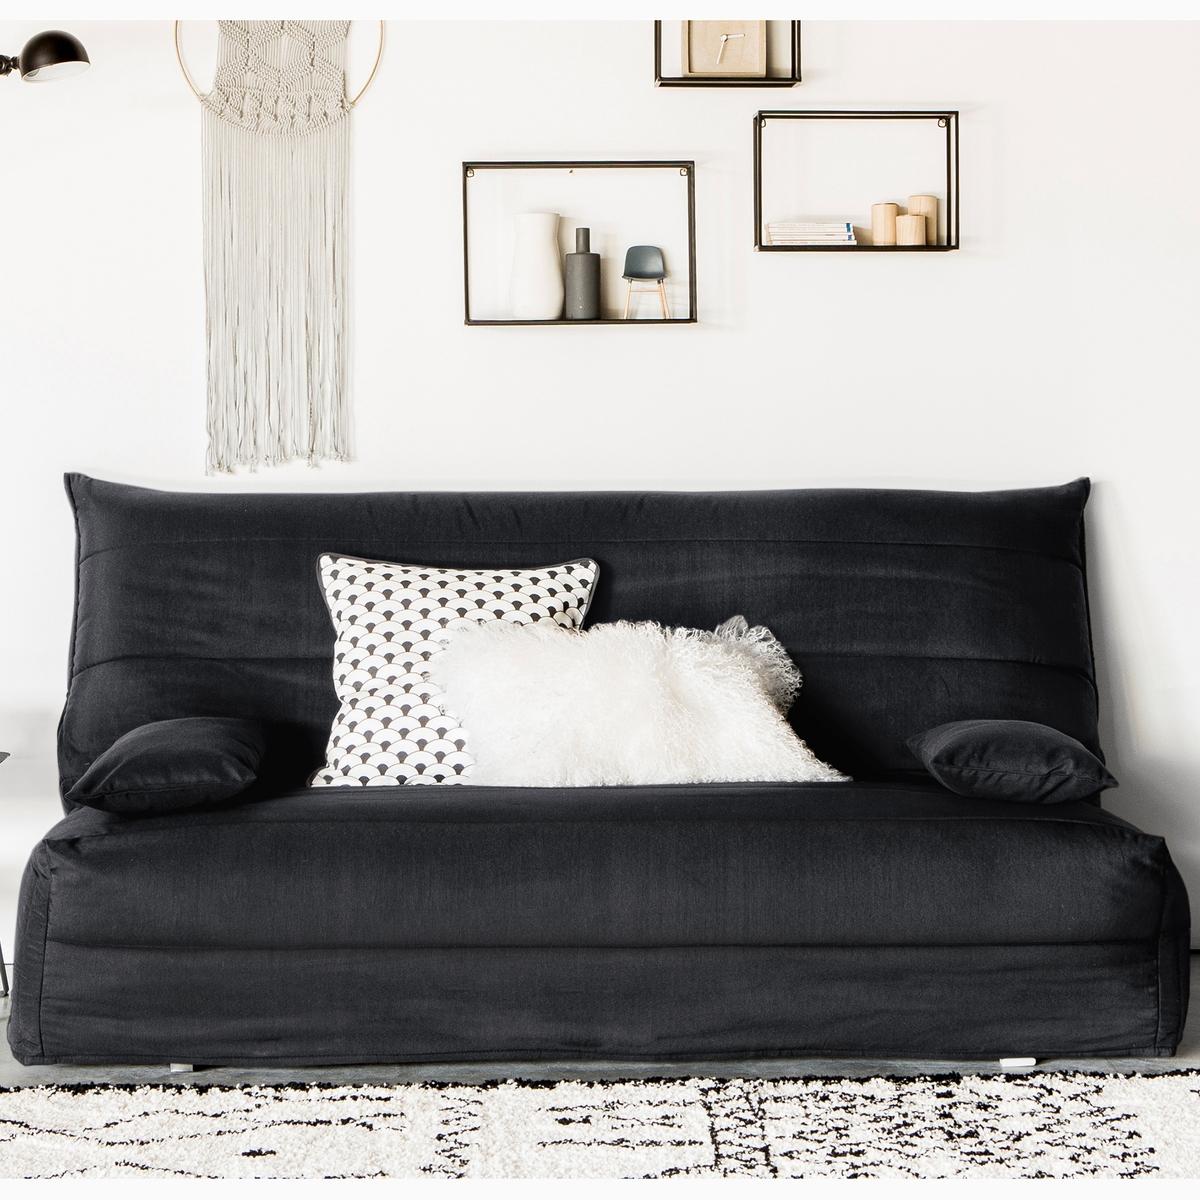 Чехол LaRedoute Стеганый из поликоттона для дивана-аккордеона 160 см черный